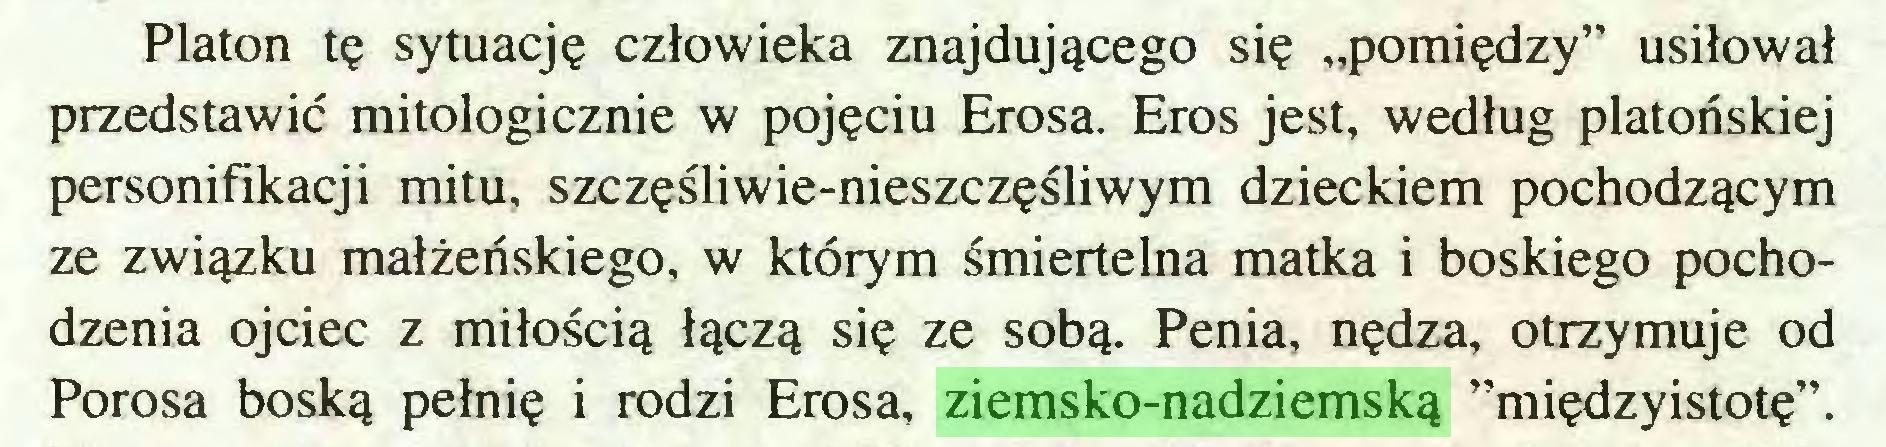 """(...) Platon tę sytuację człowieka znajdującego się """"pomiędzy"""" usiłował przedstawić mitologicznie w pojęciu Erosa. Eros jest, według platońskiej personifikacji mitu, szczęśliwie-nieszczęśliwym dzieckiem pochodzącym ze związku małżeńskiego, w którym śmiertelna matka i boskiego pochodzenia ojciec z miłością łączą się ze sobą. Penia, nędza, otrzymuje od Porosa boską pełnię i rodzi Erosa, ziemsko-nadziemską ''międzyistotę""""..."""